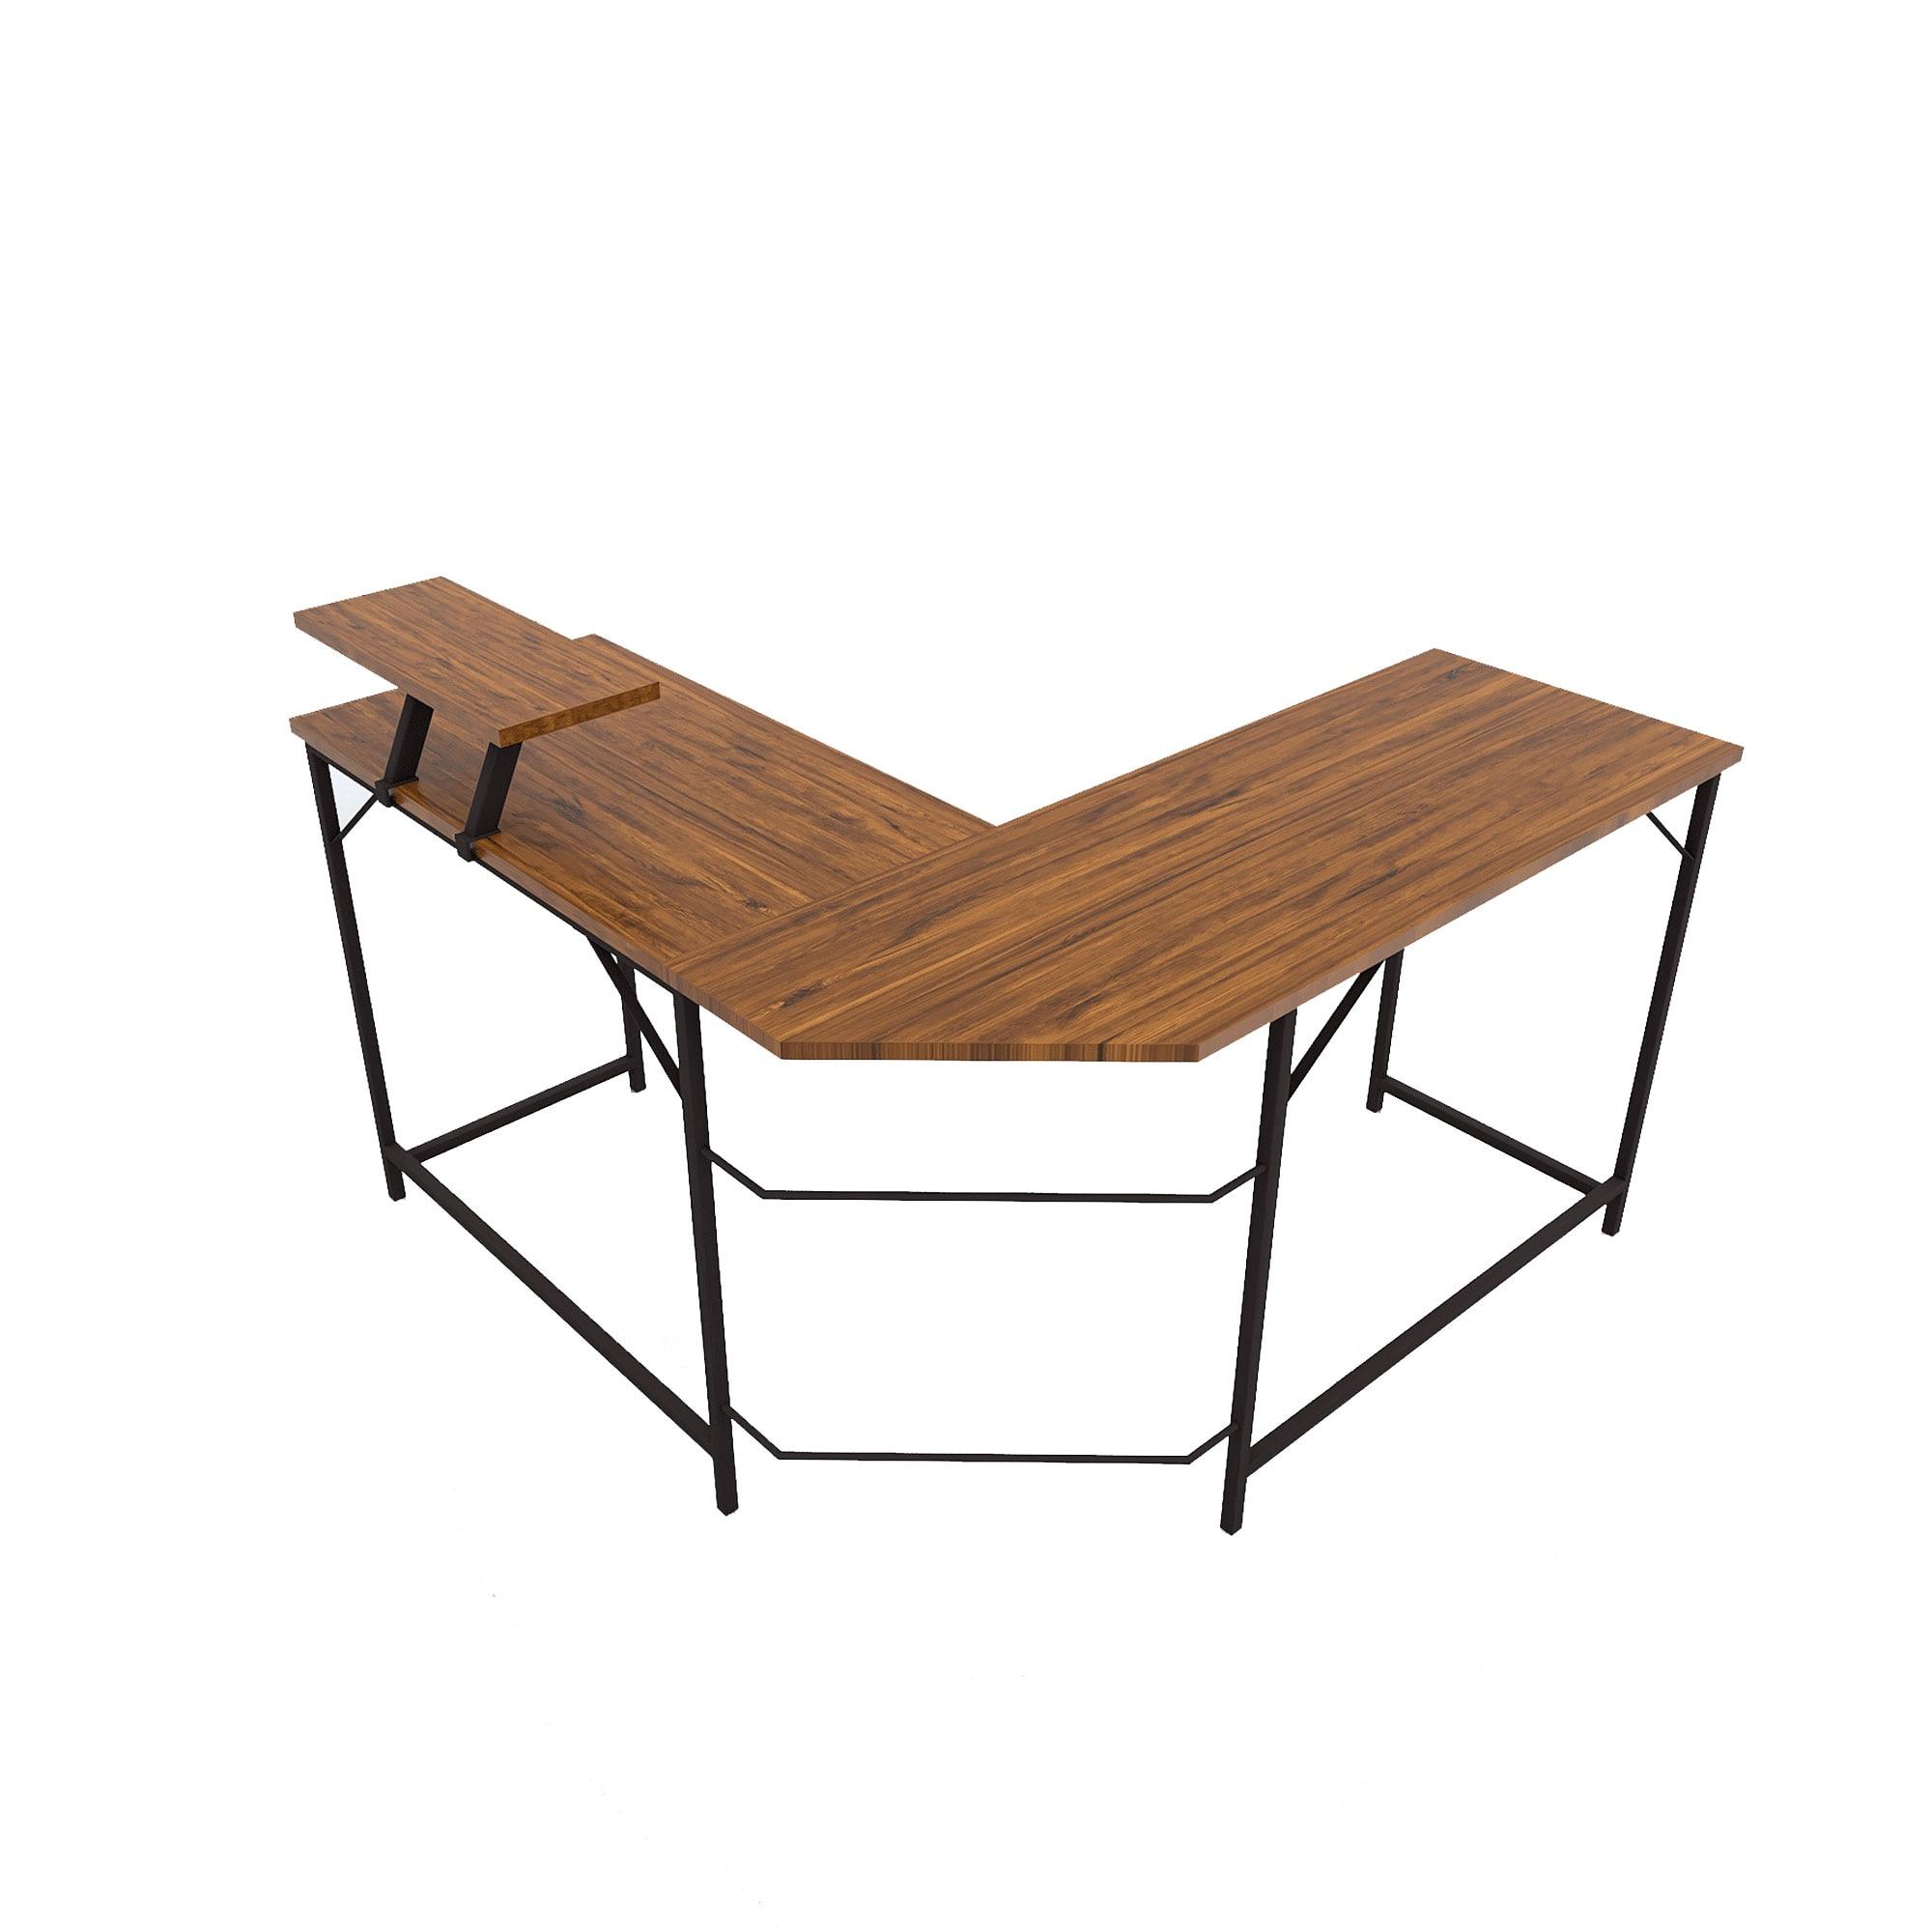 L-образный угловой компьютерный стол, промышленный ПК, ноутбук, учебный стол, рабочая станция для дома, офиса, дерево и металл, деревенский ко...